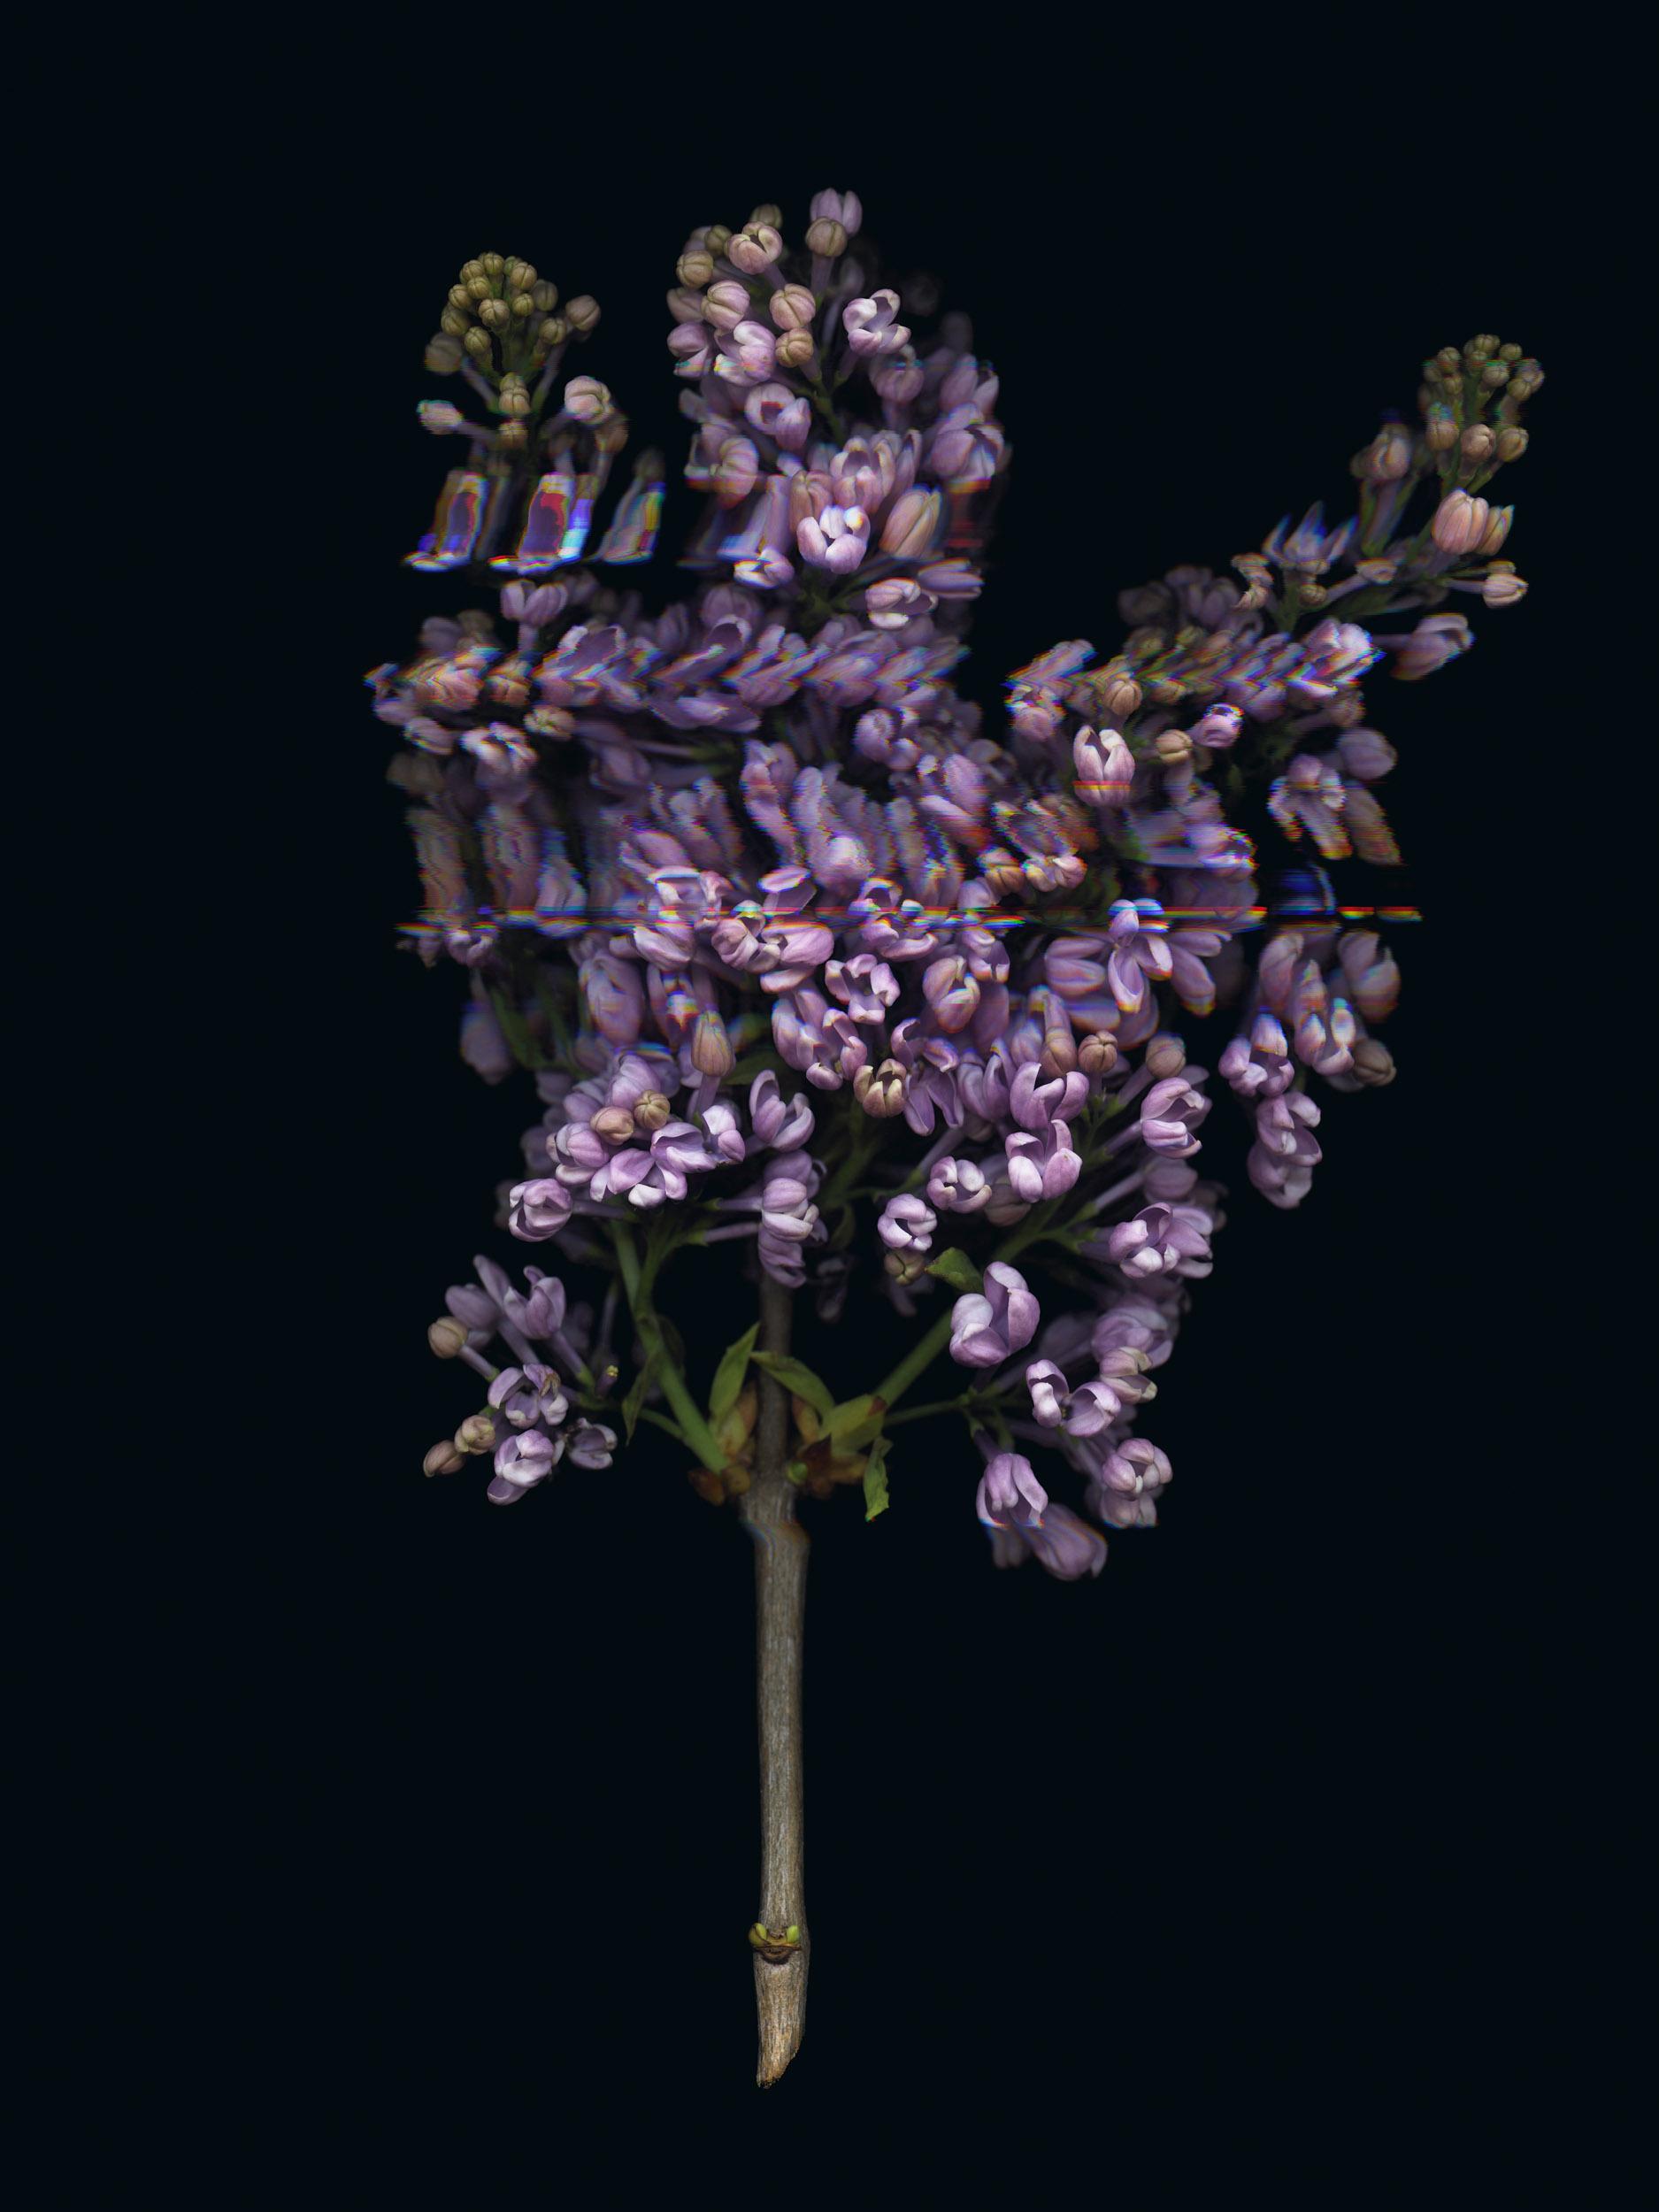 20190329 Fractured Botany-015.jpg